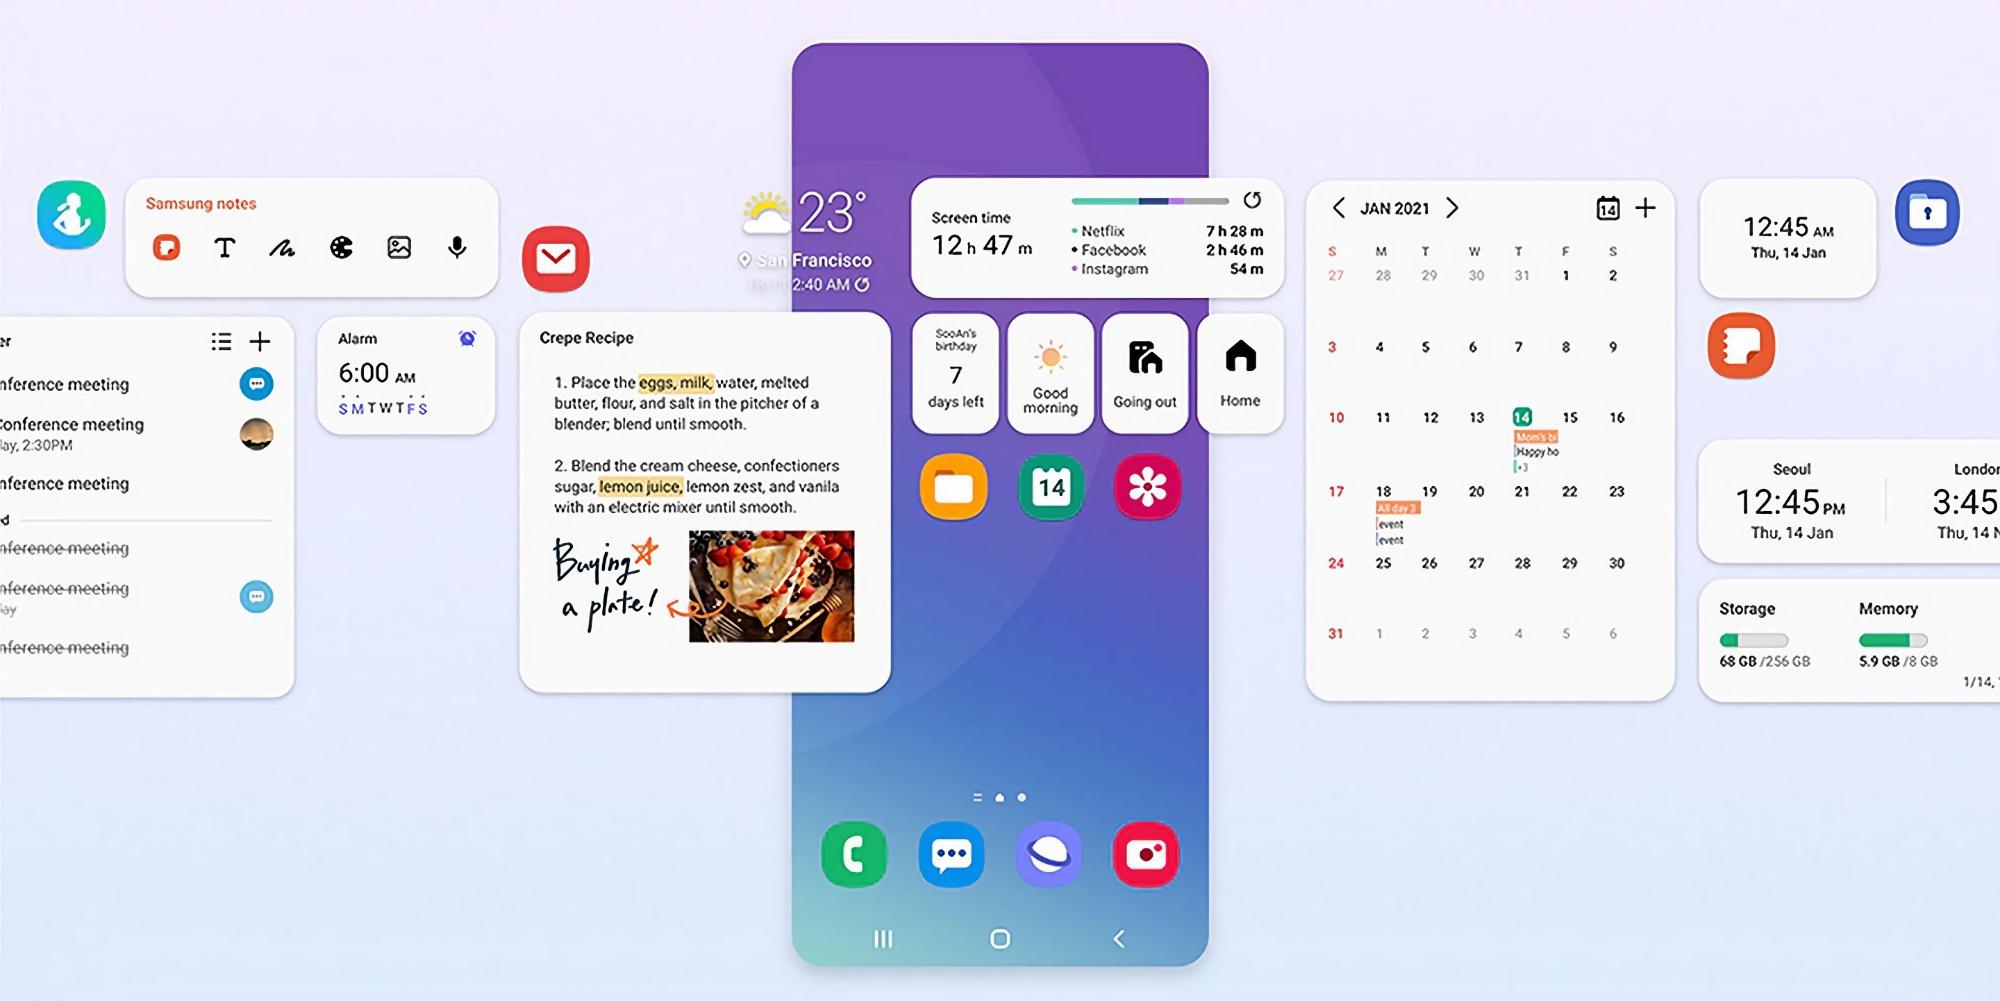 Какие смартфоны и планшеты Samsung Galaxy обновятся до Android 12 с One UI 4.0